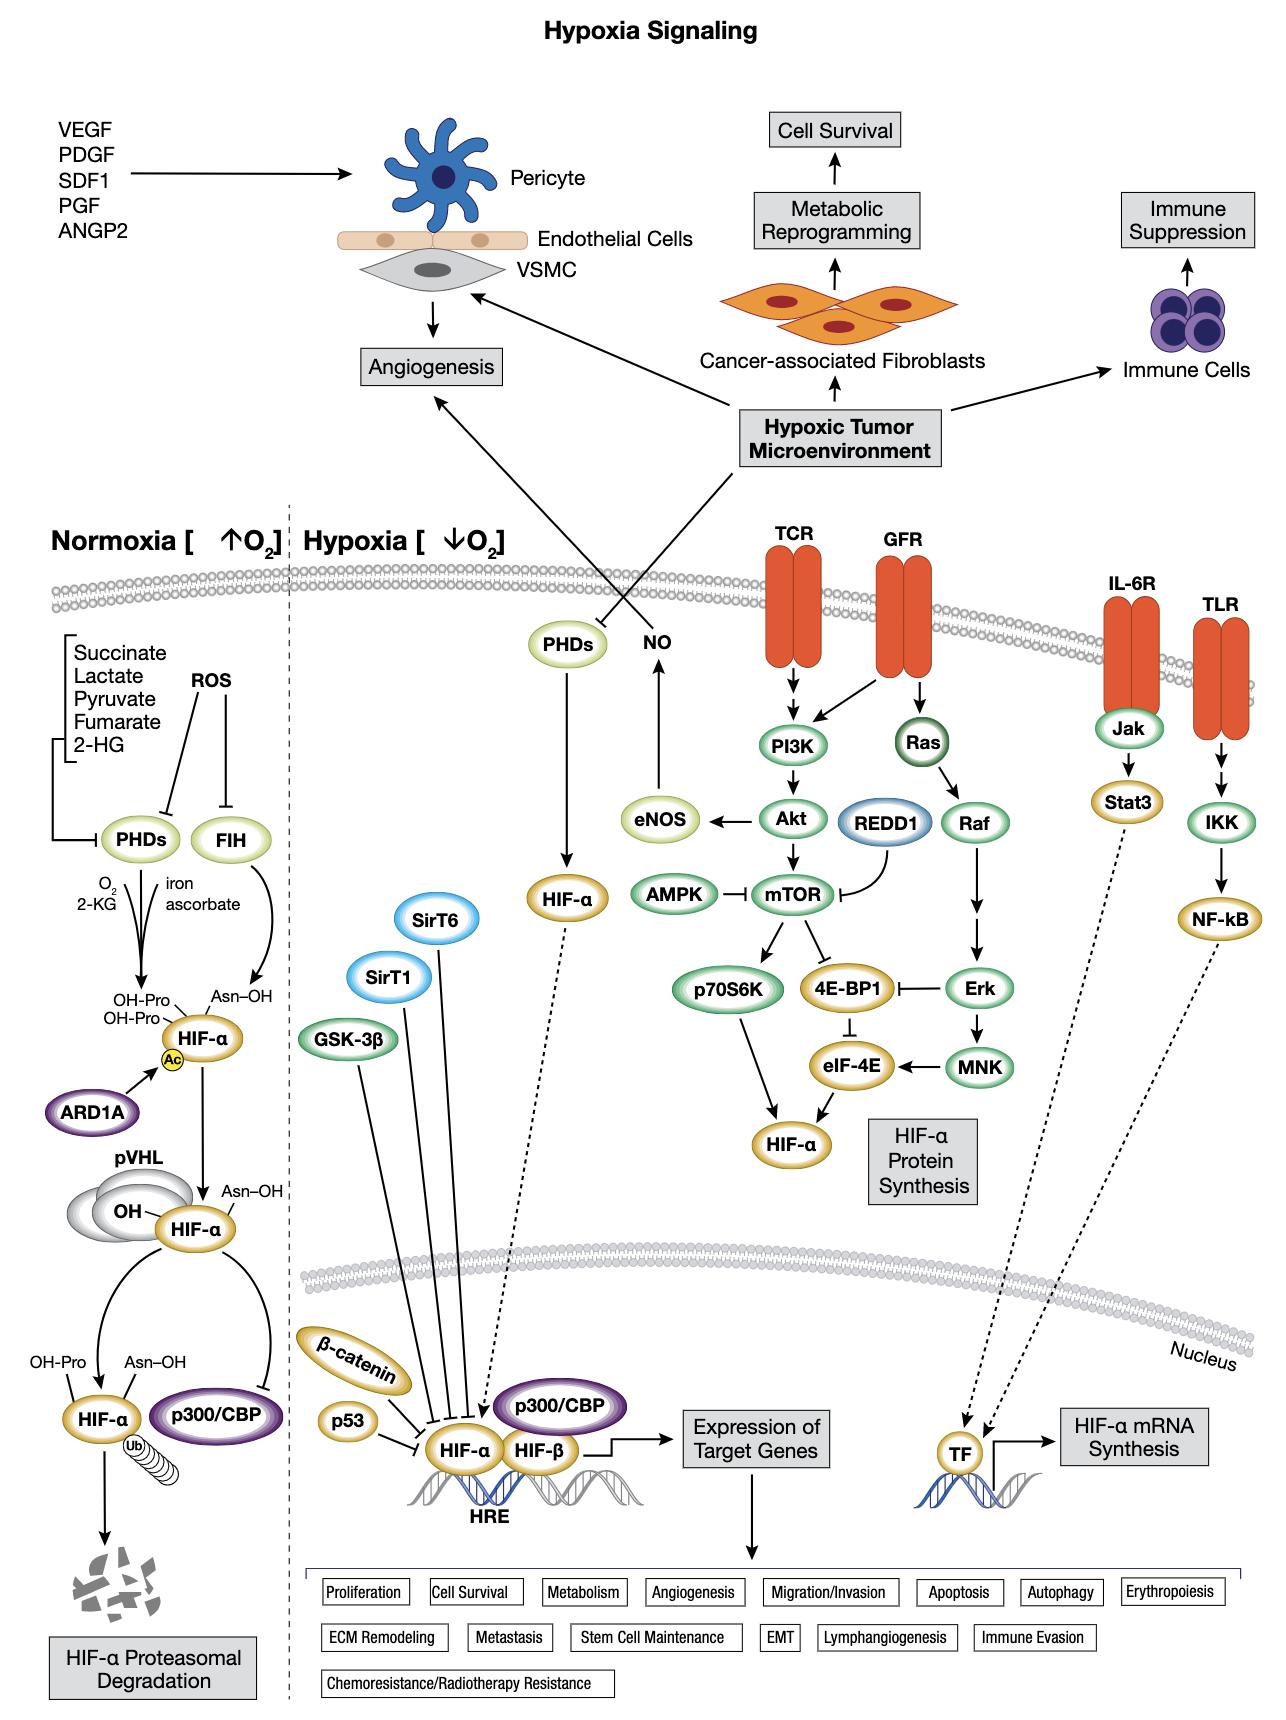 Hypoxia Interactive Signaling Pathway